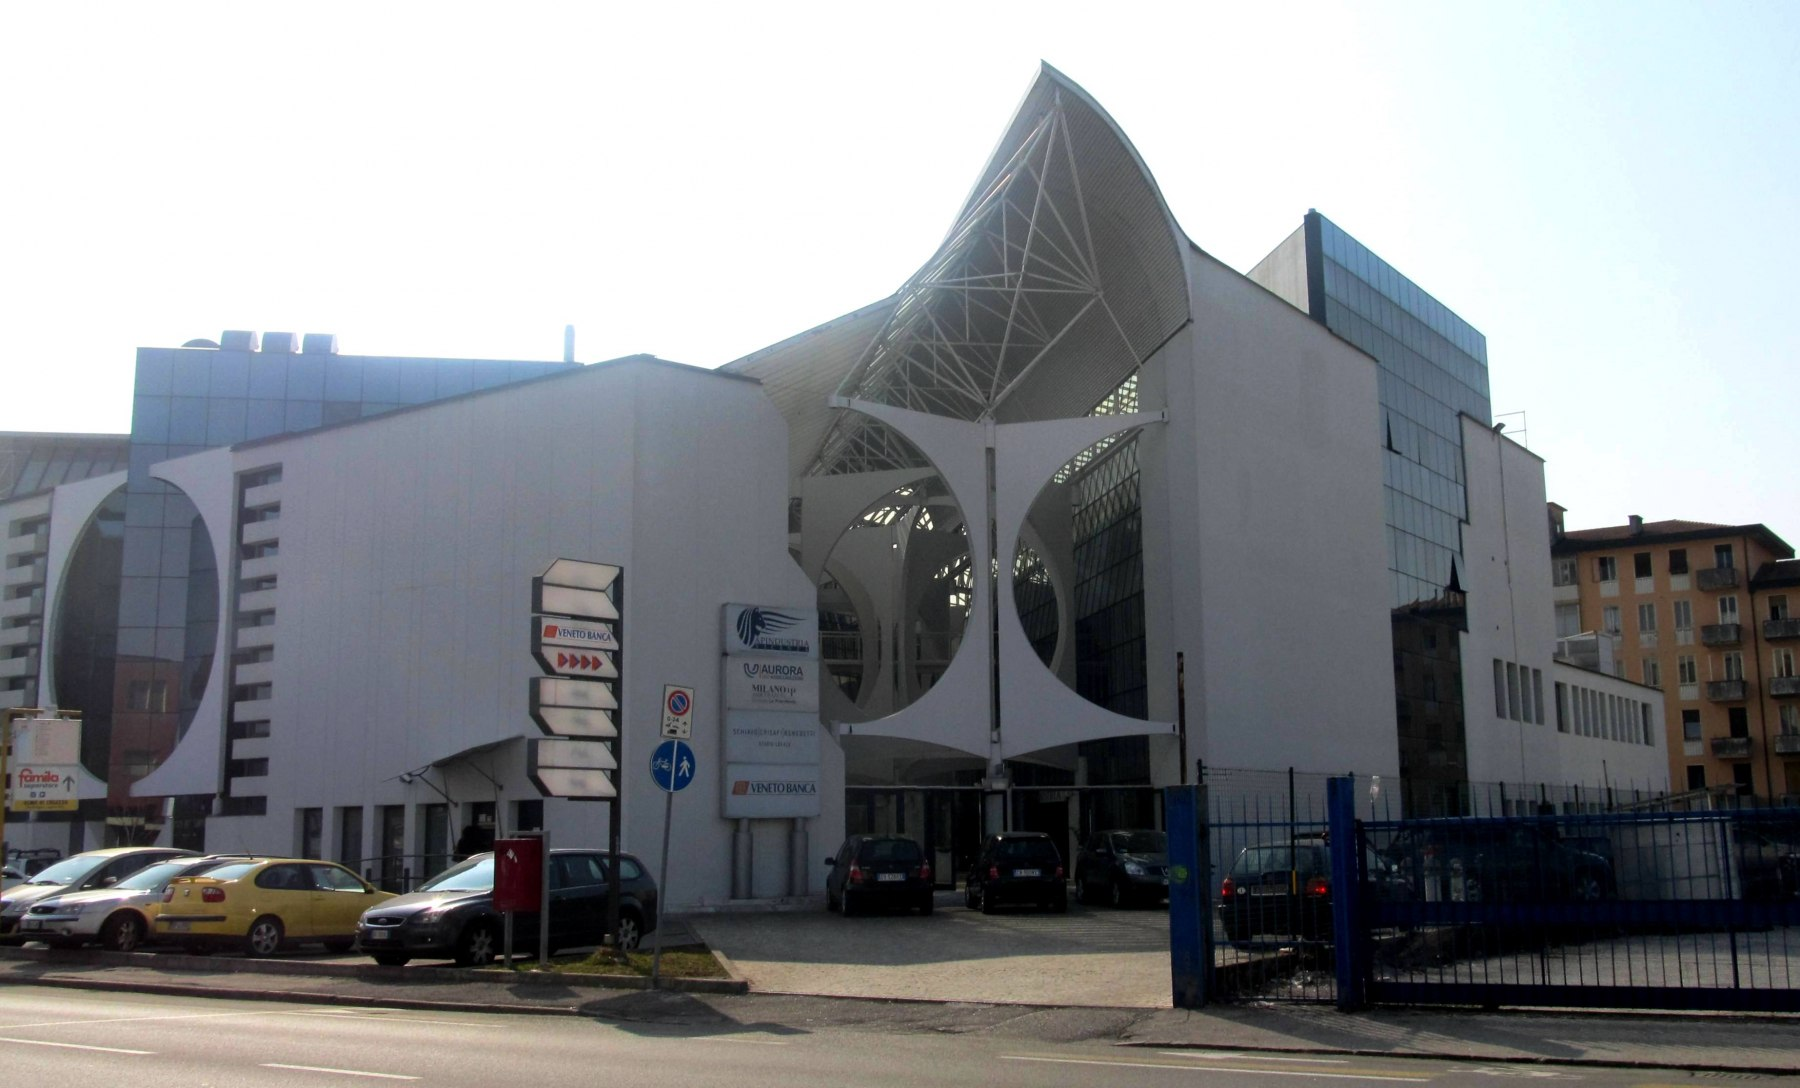 Centro-direzionale-Galleria-Crispi-Vicenza-3